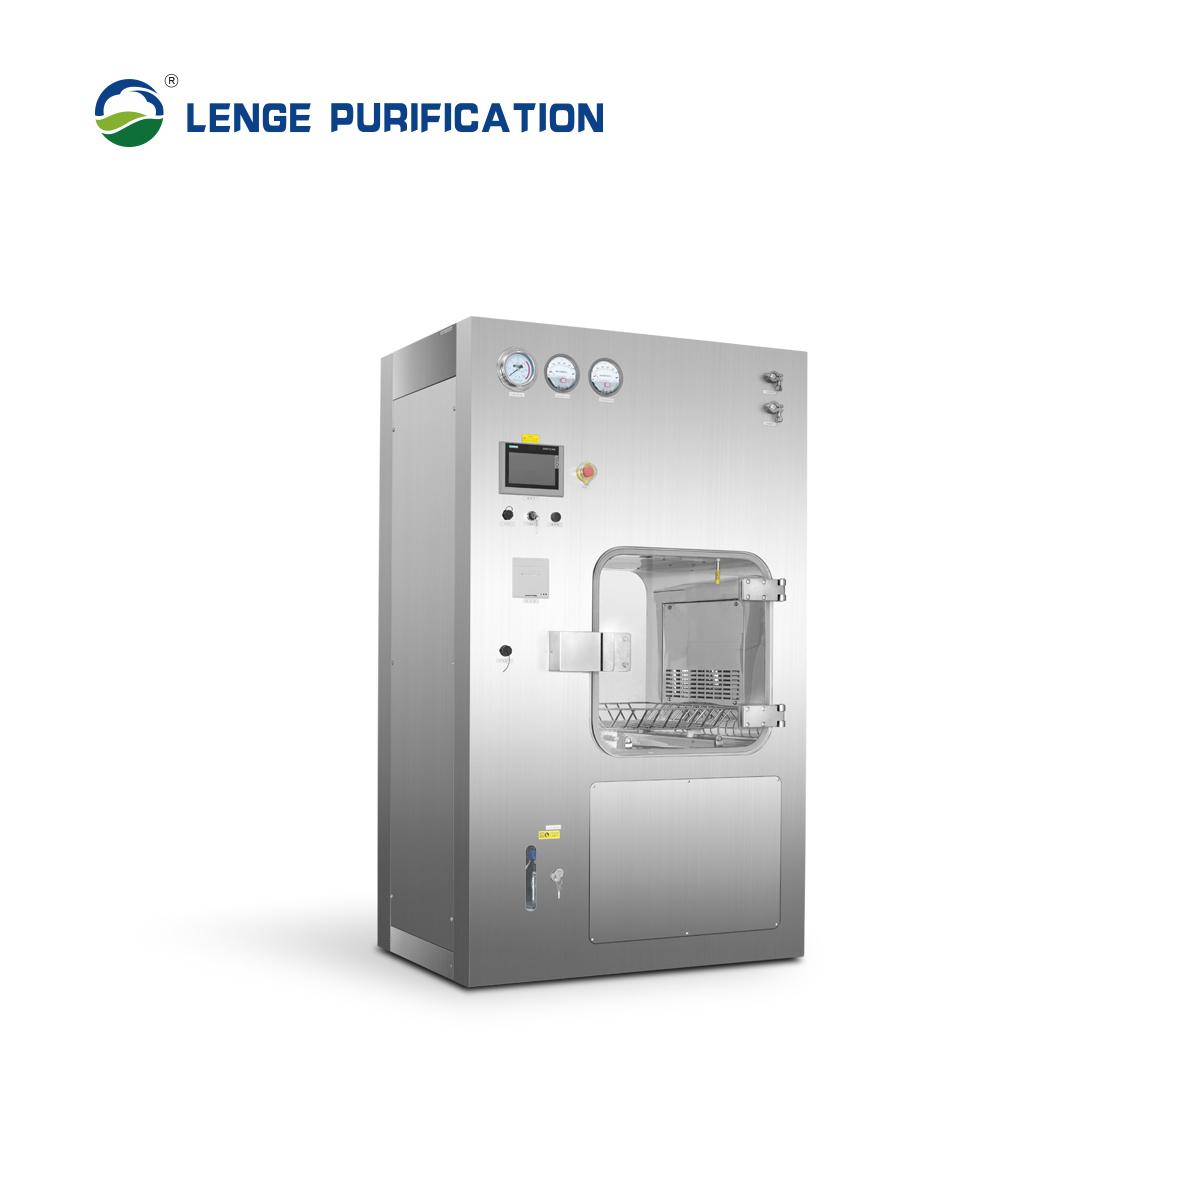 LENGE VHP Sterilization Chamber